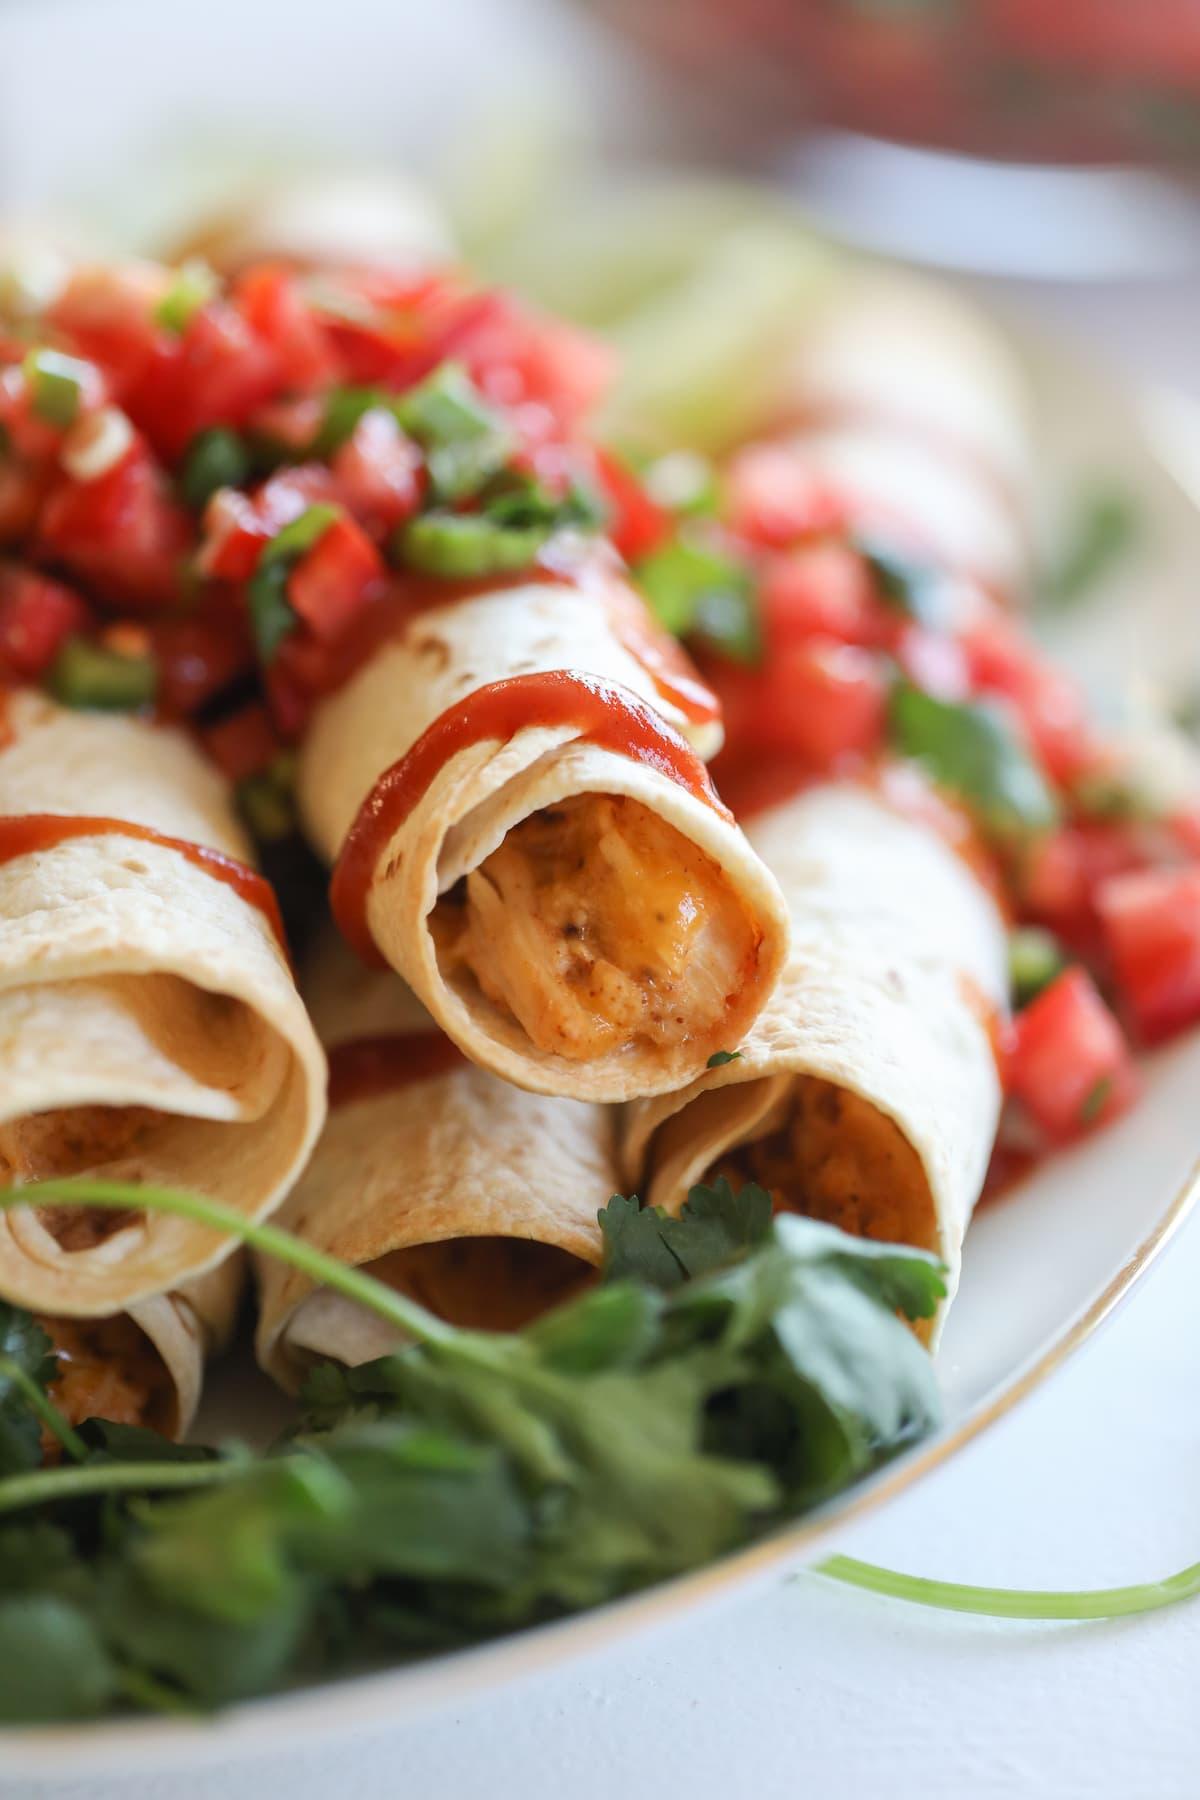 chicken flautas with pico de gallo